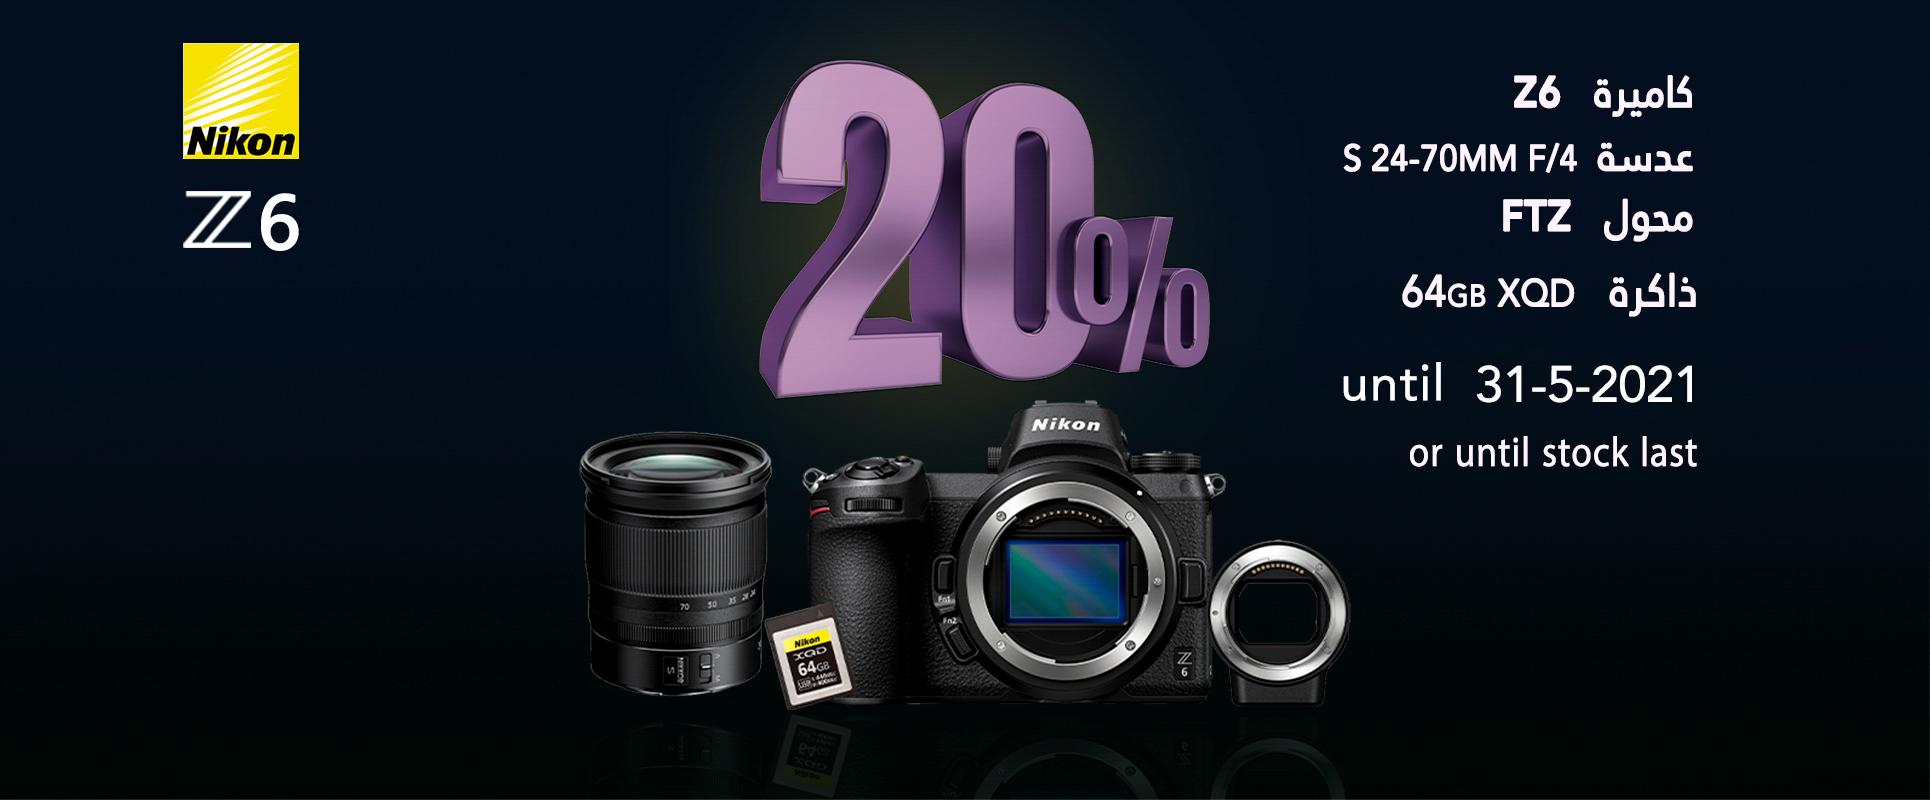 Nikon z6 offer